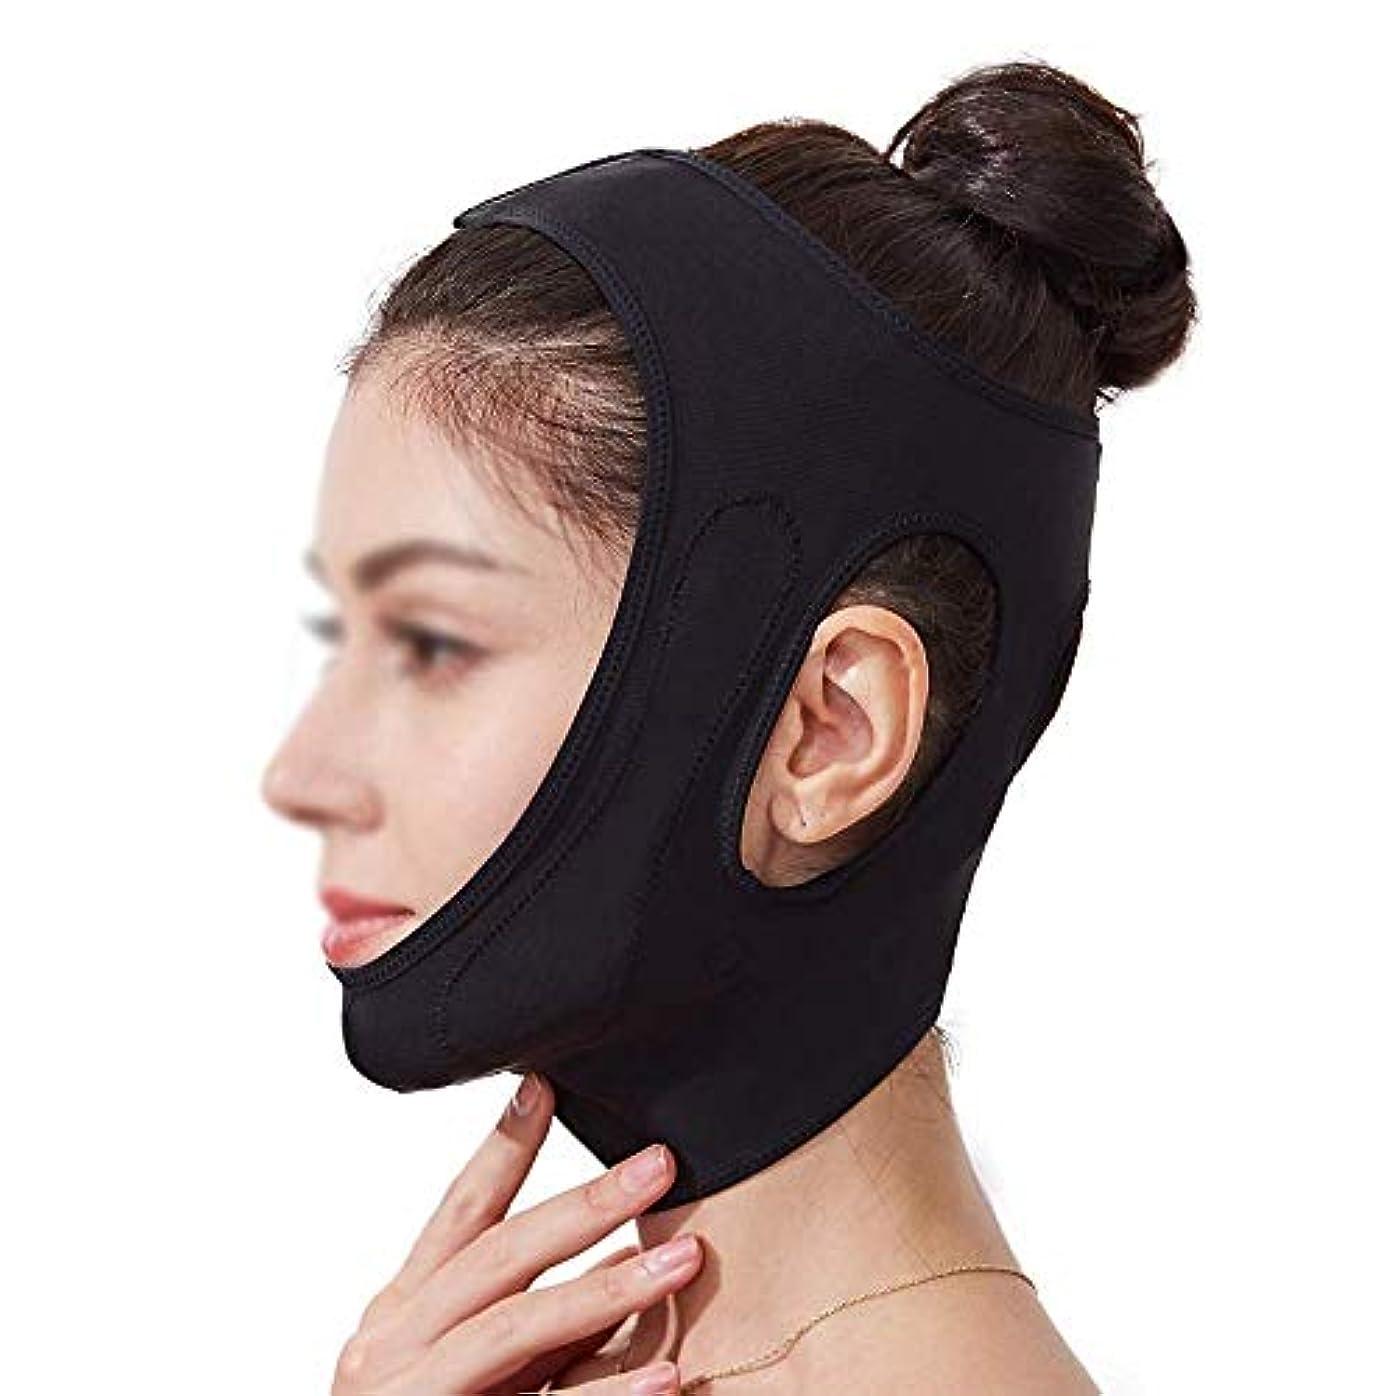 リラックス多年生縮約フェイスリフトテープとバンド、Vフェイスベルトフェイスリフト包帯、顎を持ち上げる、フェイシャルリフト、あごストラップ、通気性包帯、フリーサイズ(カラー:イエローピンク),ブラック